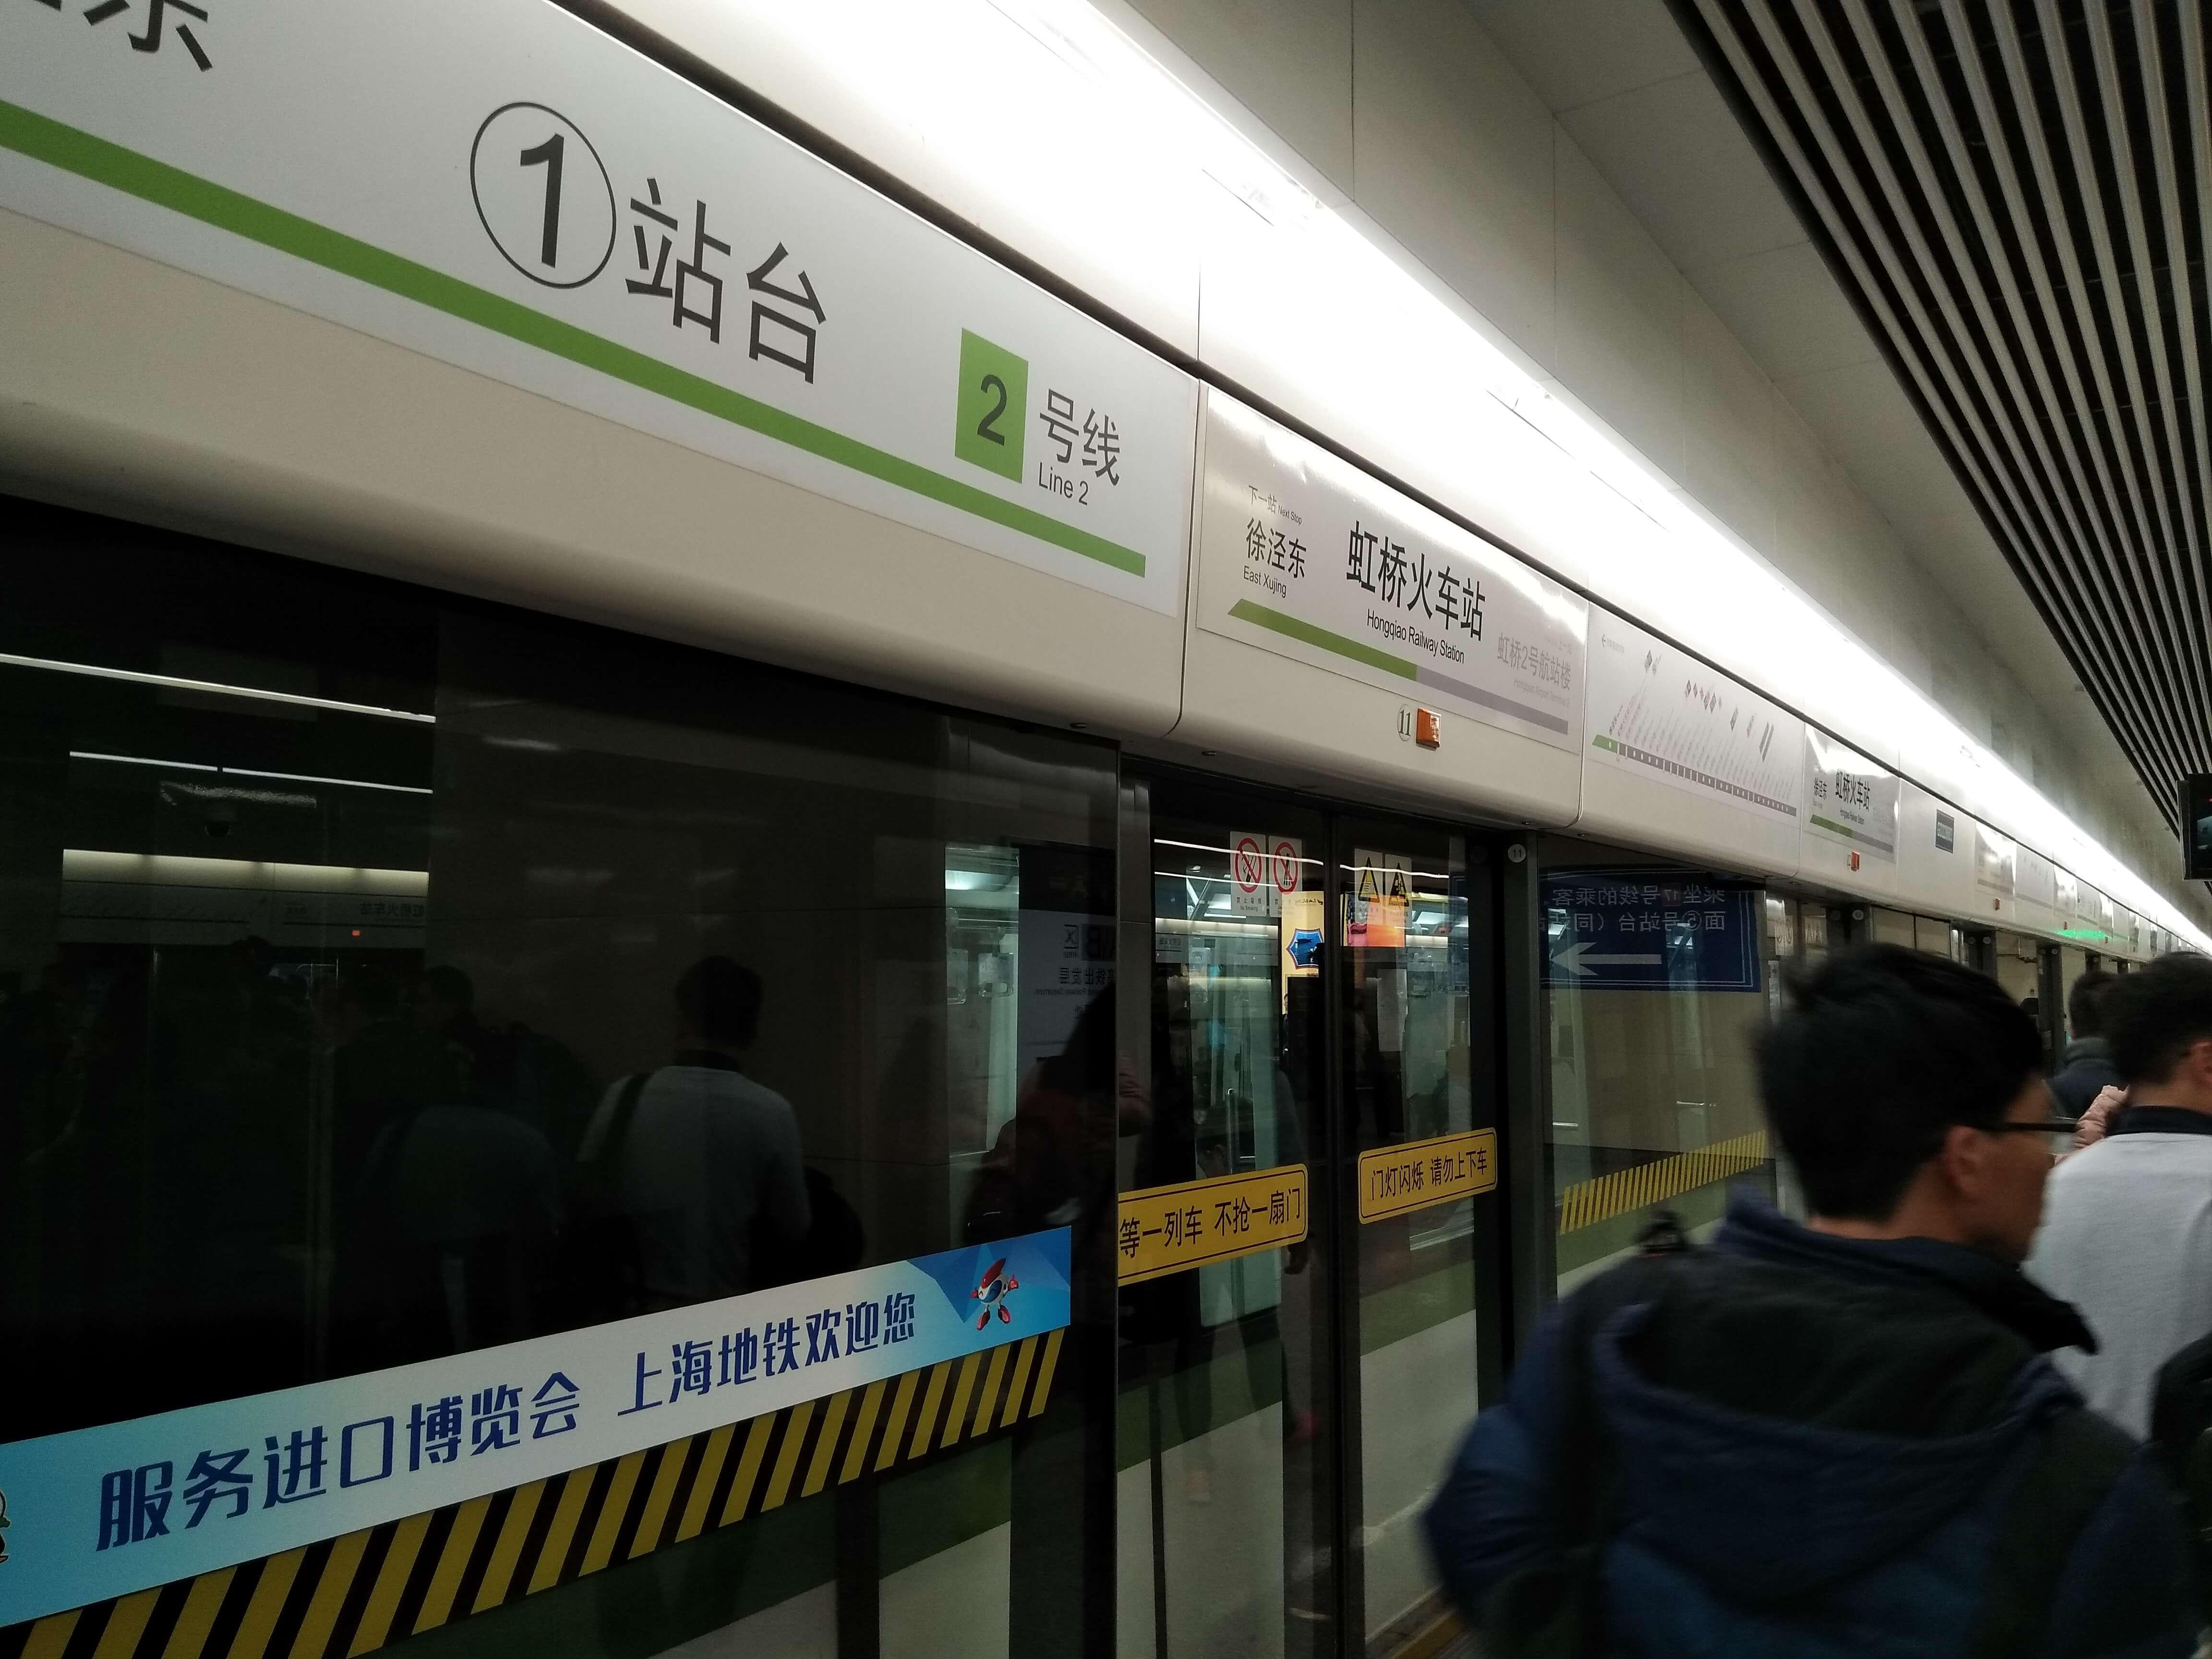 上海浦東空港と上海虹橋空港の間を地下鉄2号線で移動する